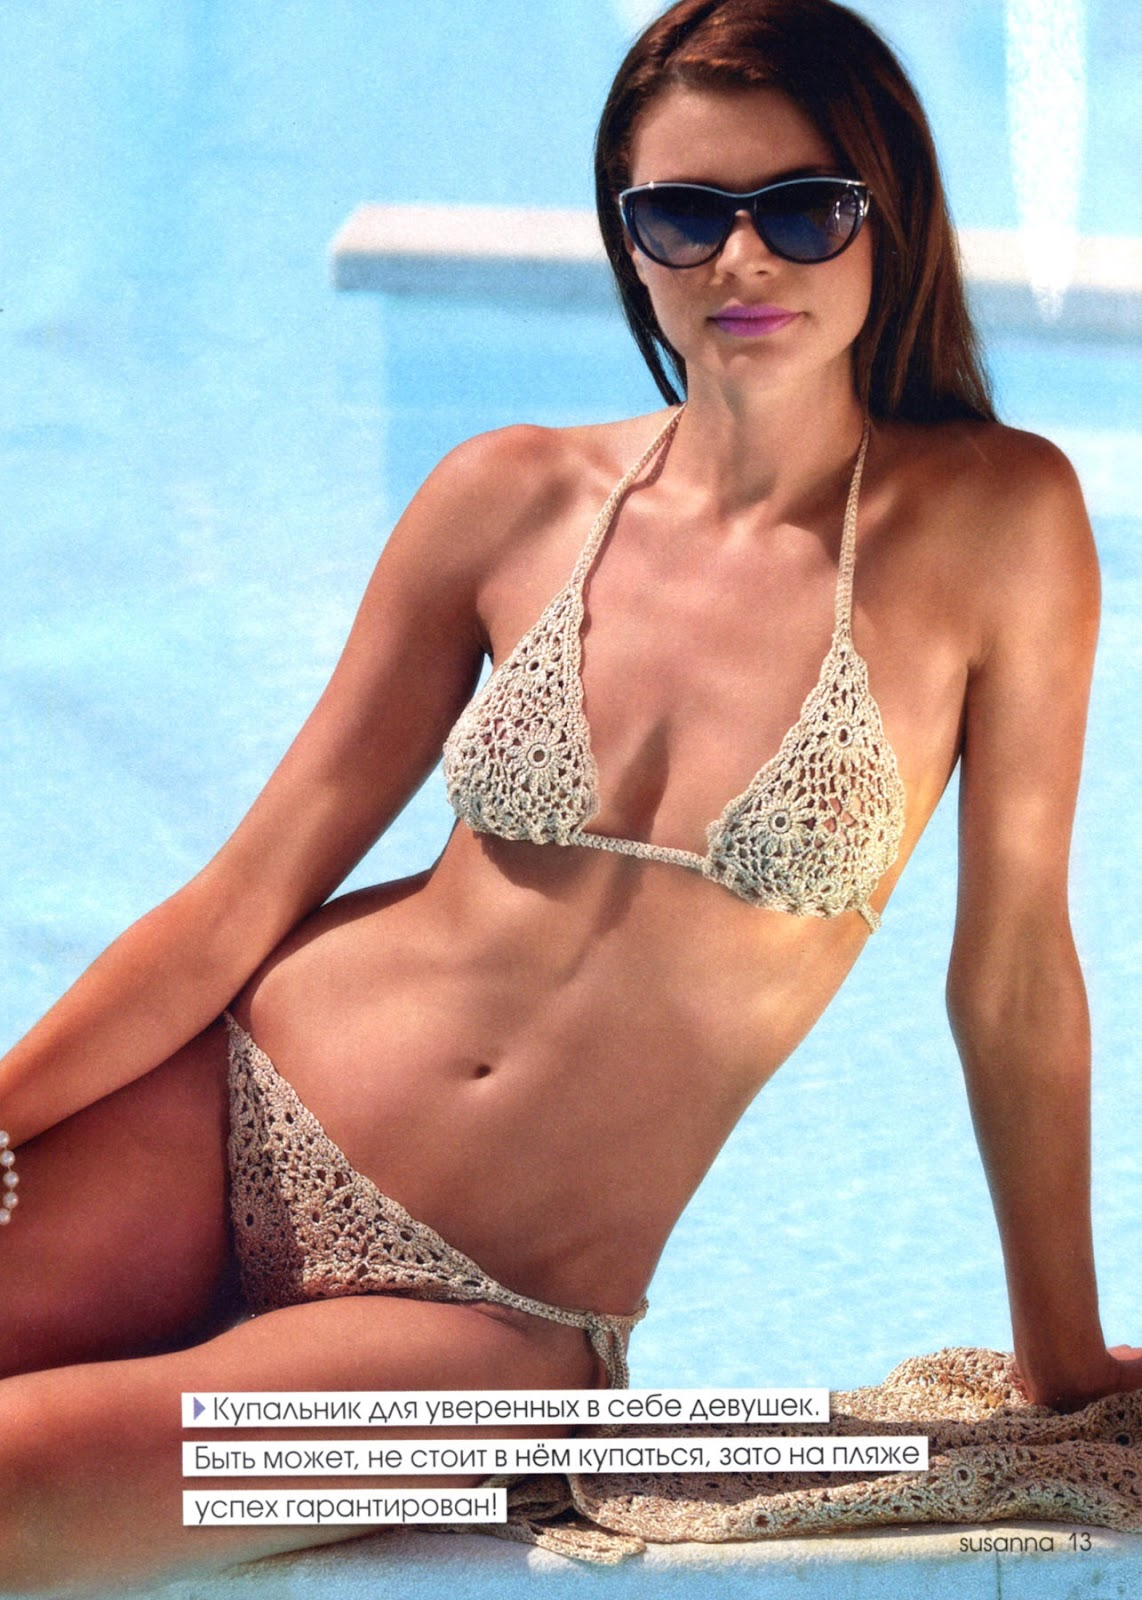 Фото жены в обалденном купальнике 19 фотография